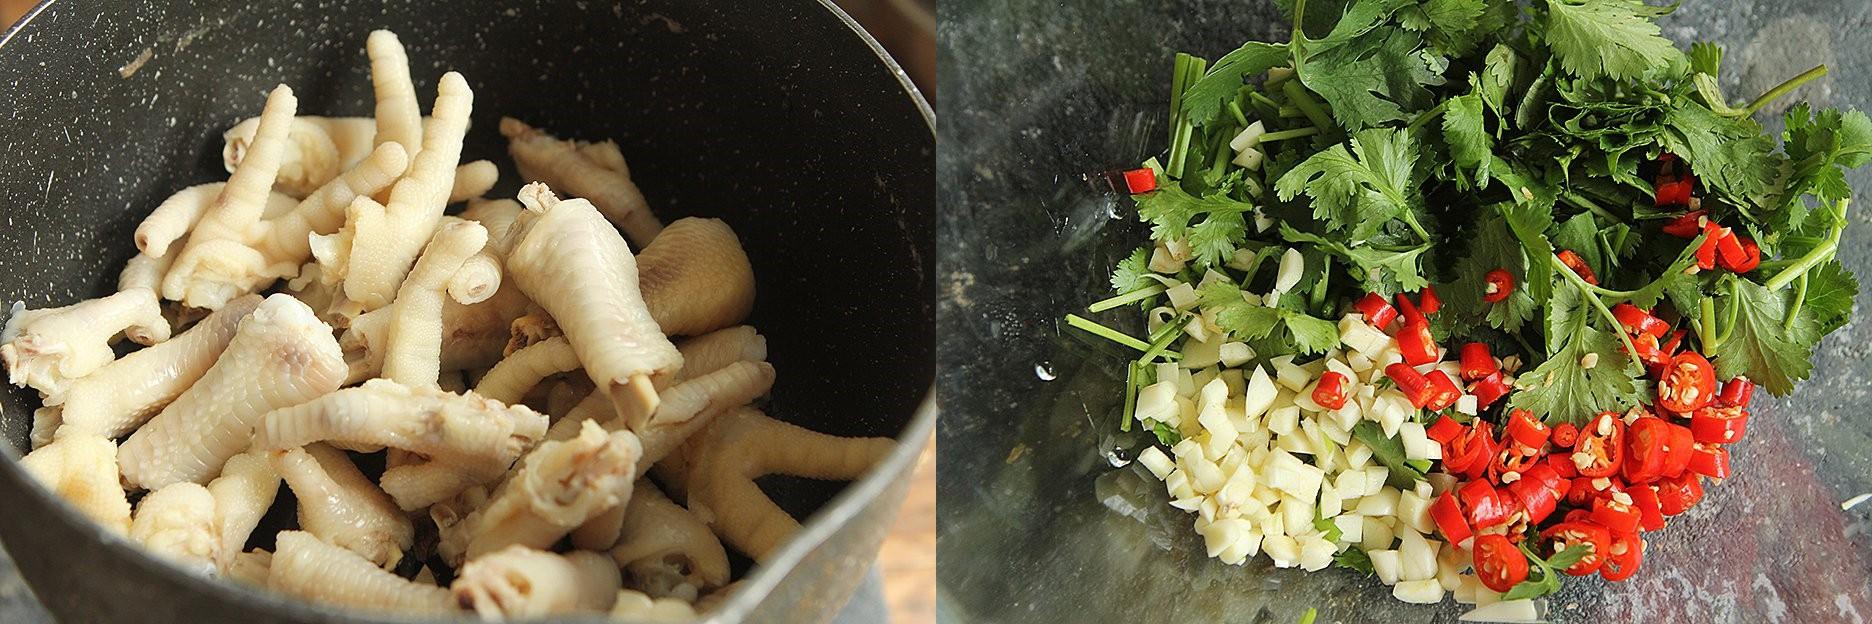 Chân gà trộn chua ngọt món ngon làm nhanh - Ảnh 2.